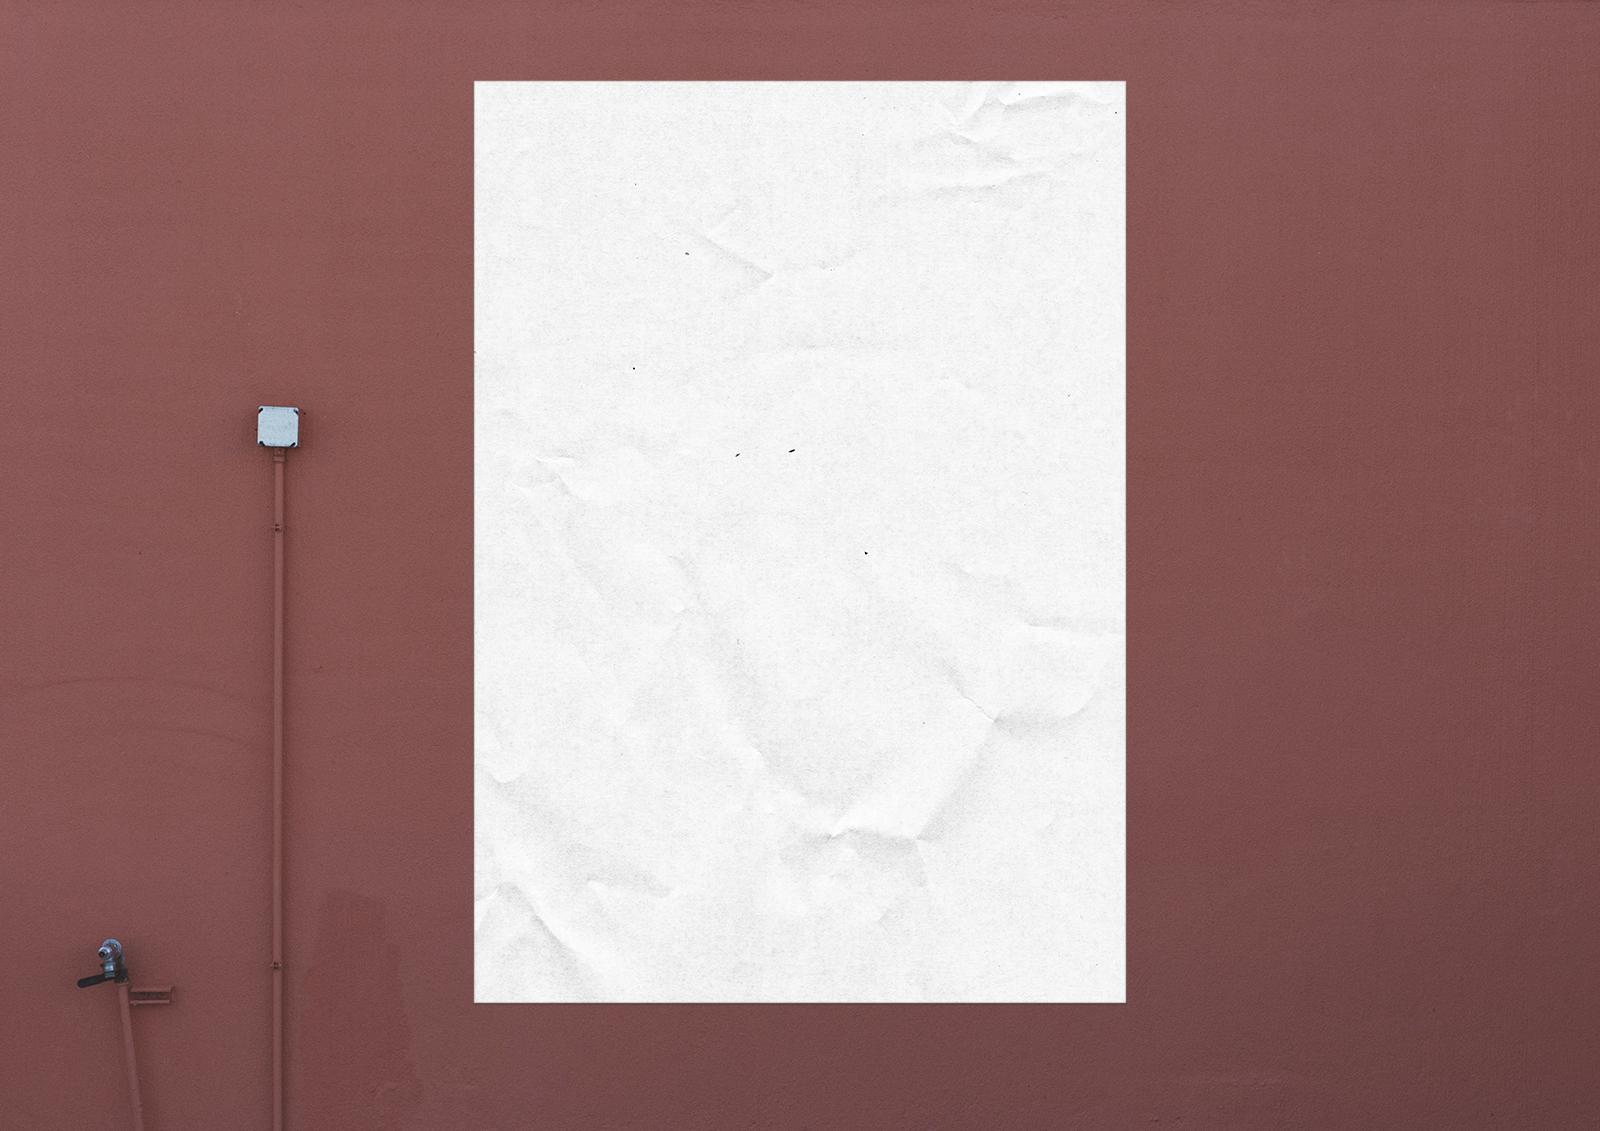 Wall Poster Mockup PSD